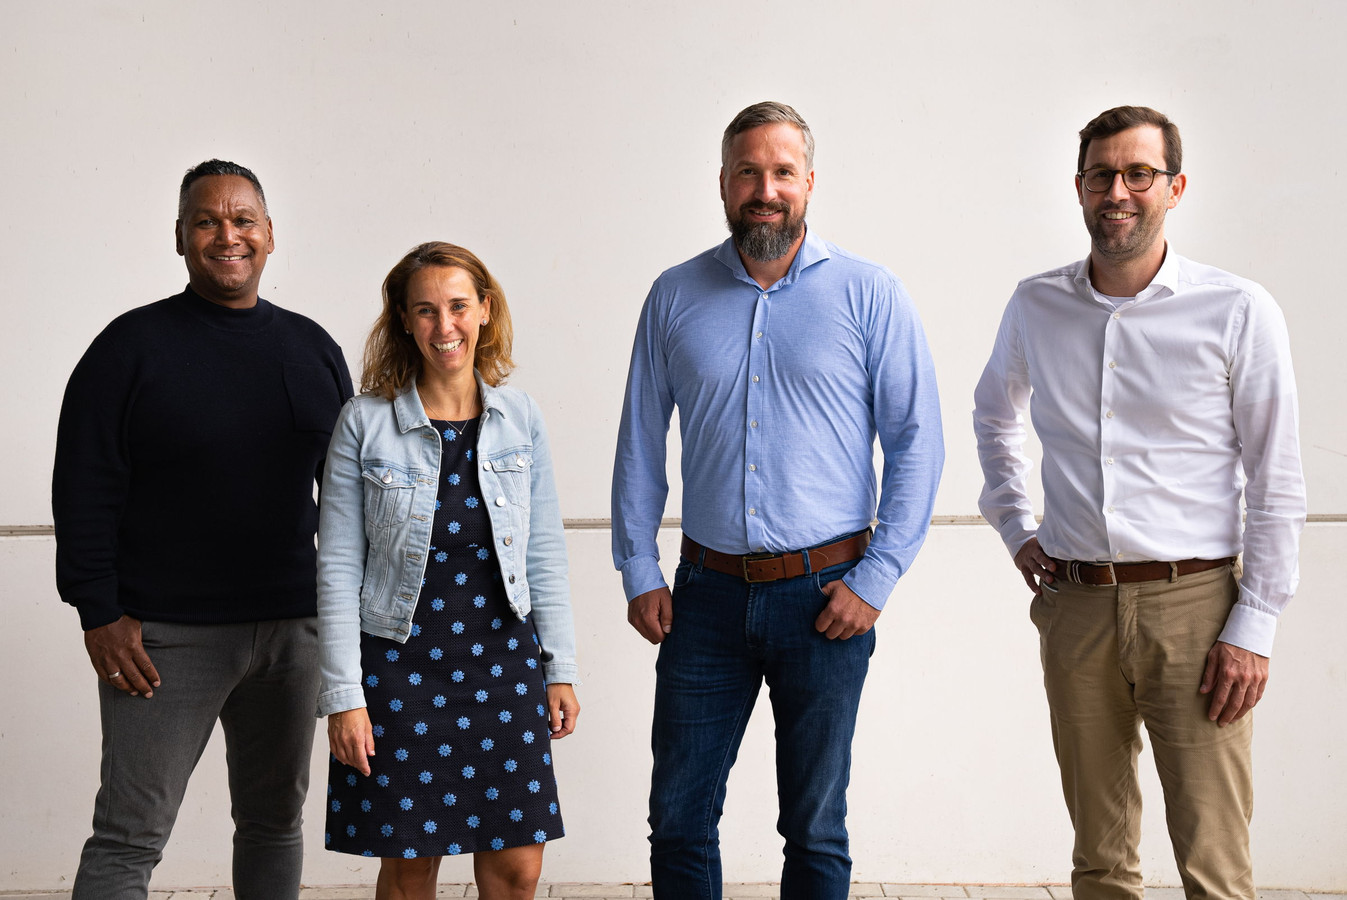 Vertegenwoordigers van de twee bedrijven, met directeur Frank Houtappels van We Provide (derde  van rechts) en topman Pieter Janssens van iO (vierde van rechts).